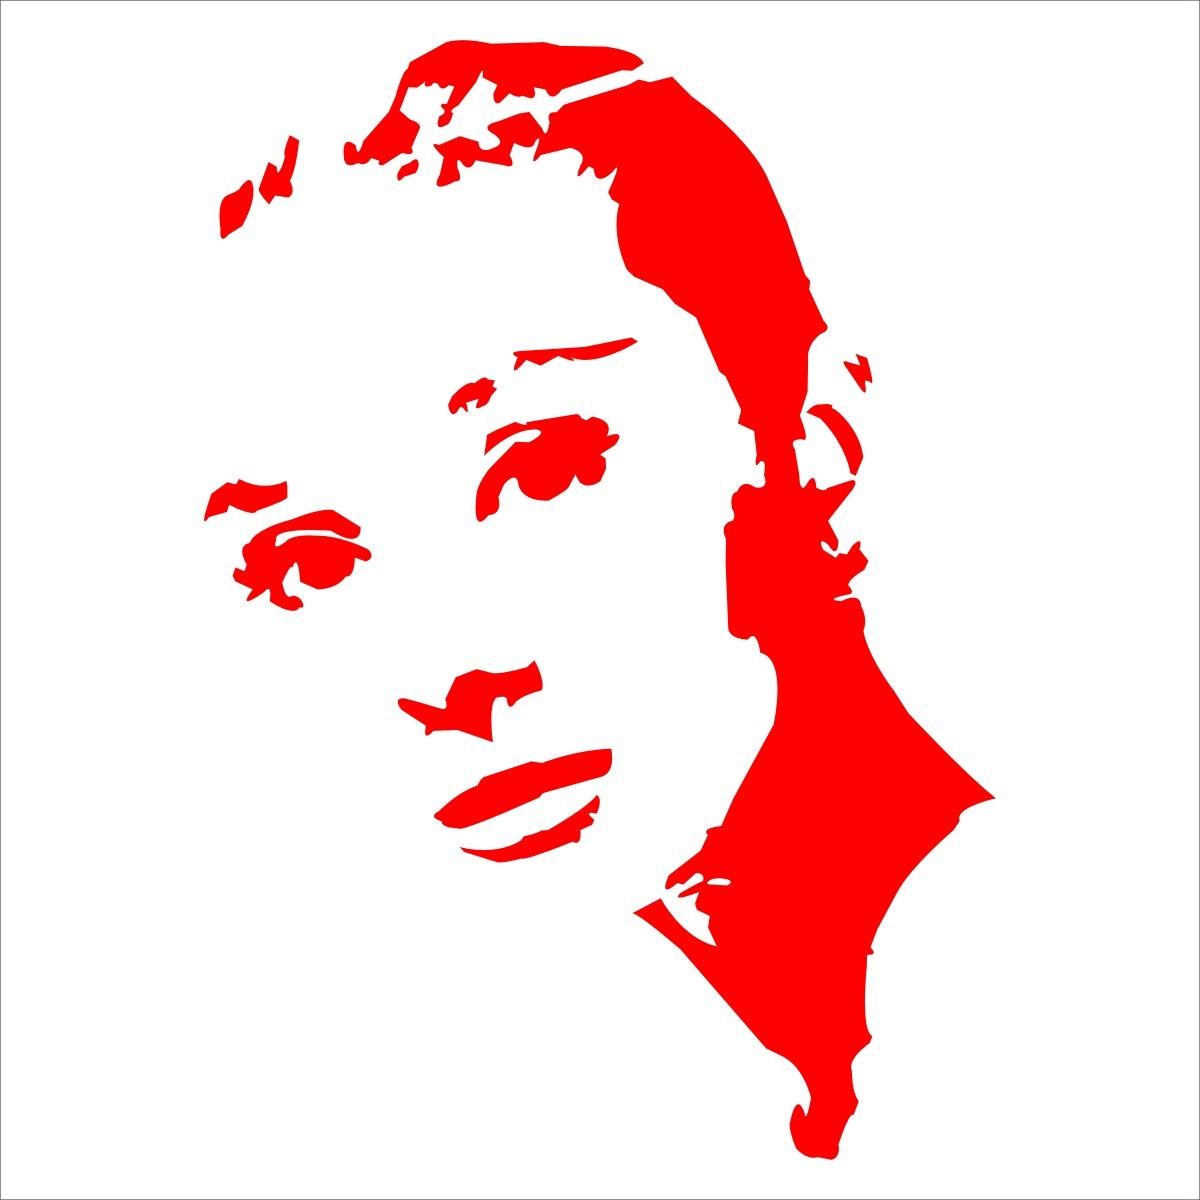 sk 深卡 个性运动女人名人图案车身随意贴系列45款 红色 15厘米